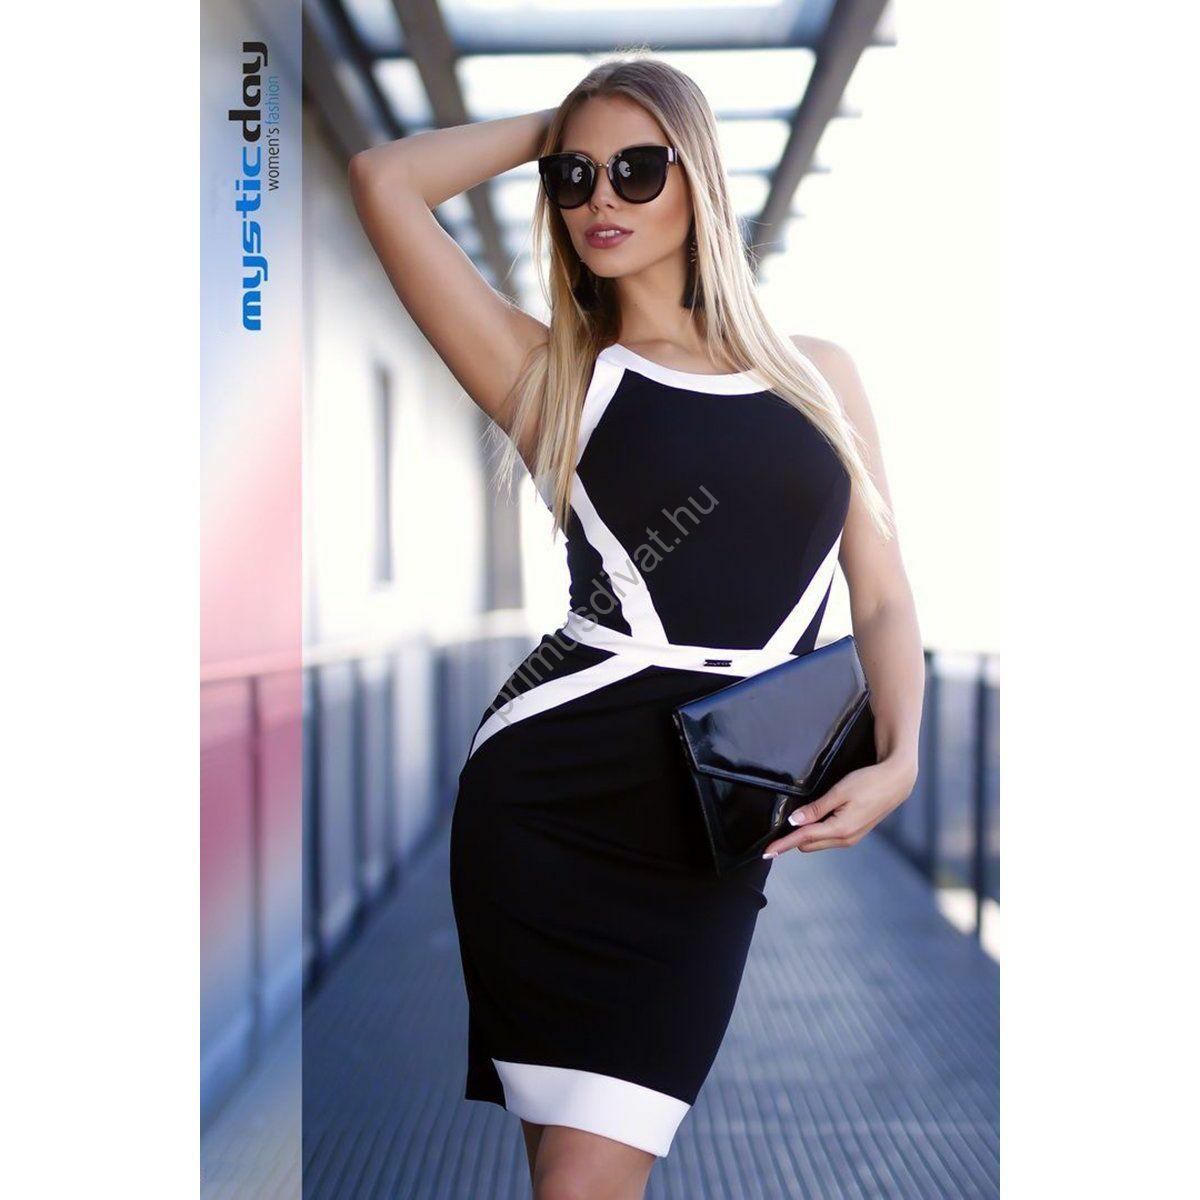 Kép 1 2 - Mystic Day karcsúsító hatású fehér betétes fekete ujjatlan alkalmi  ruha e4e65e080a